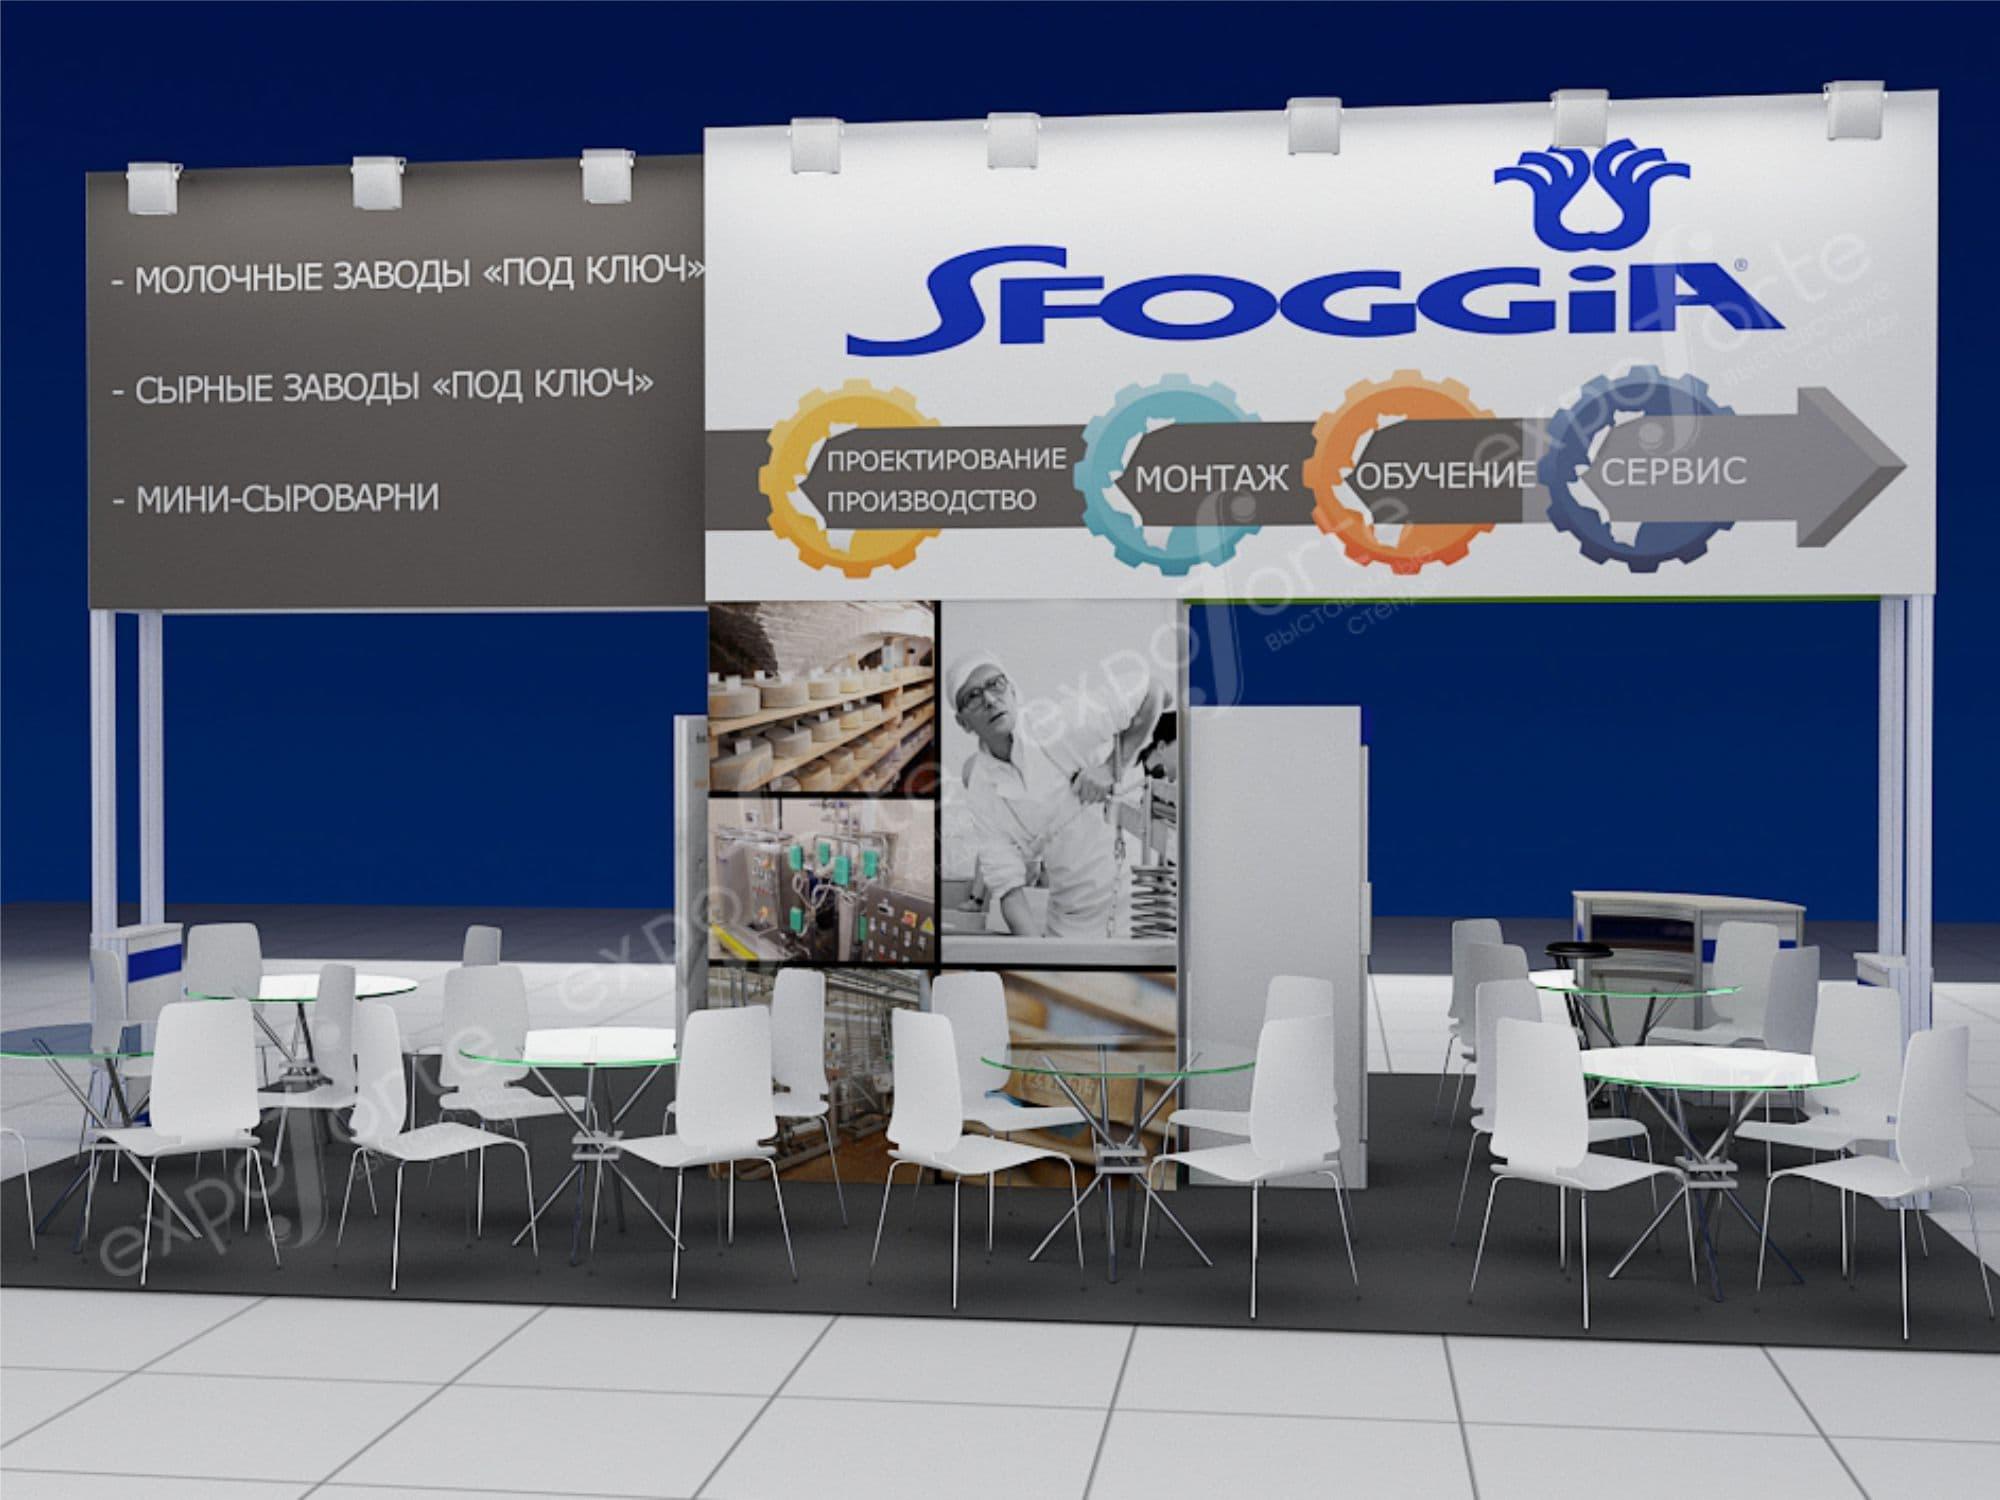 Фото: SFOGGIA, выставка Agrofarm – картинка 4